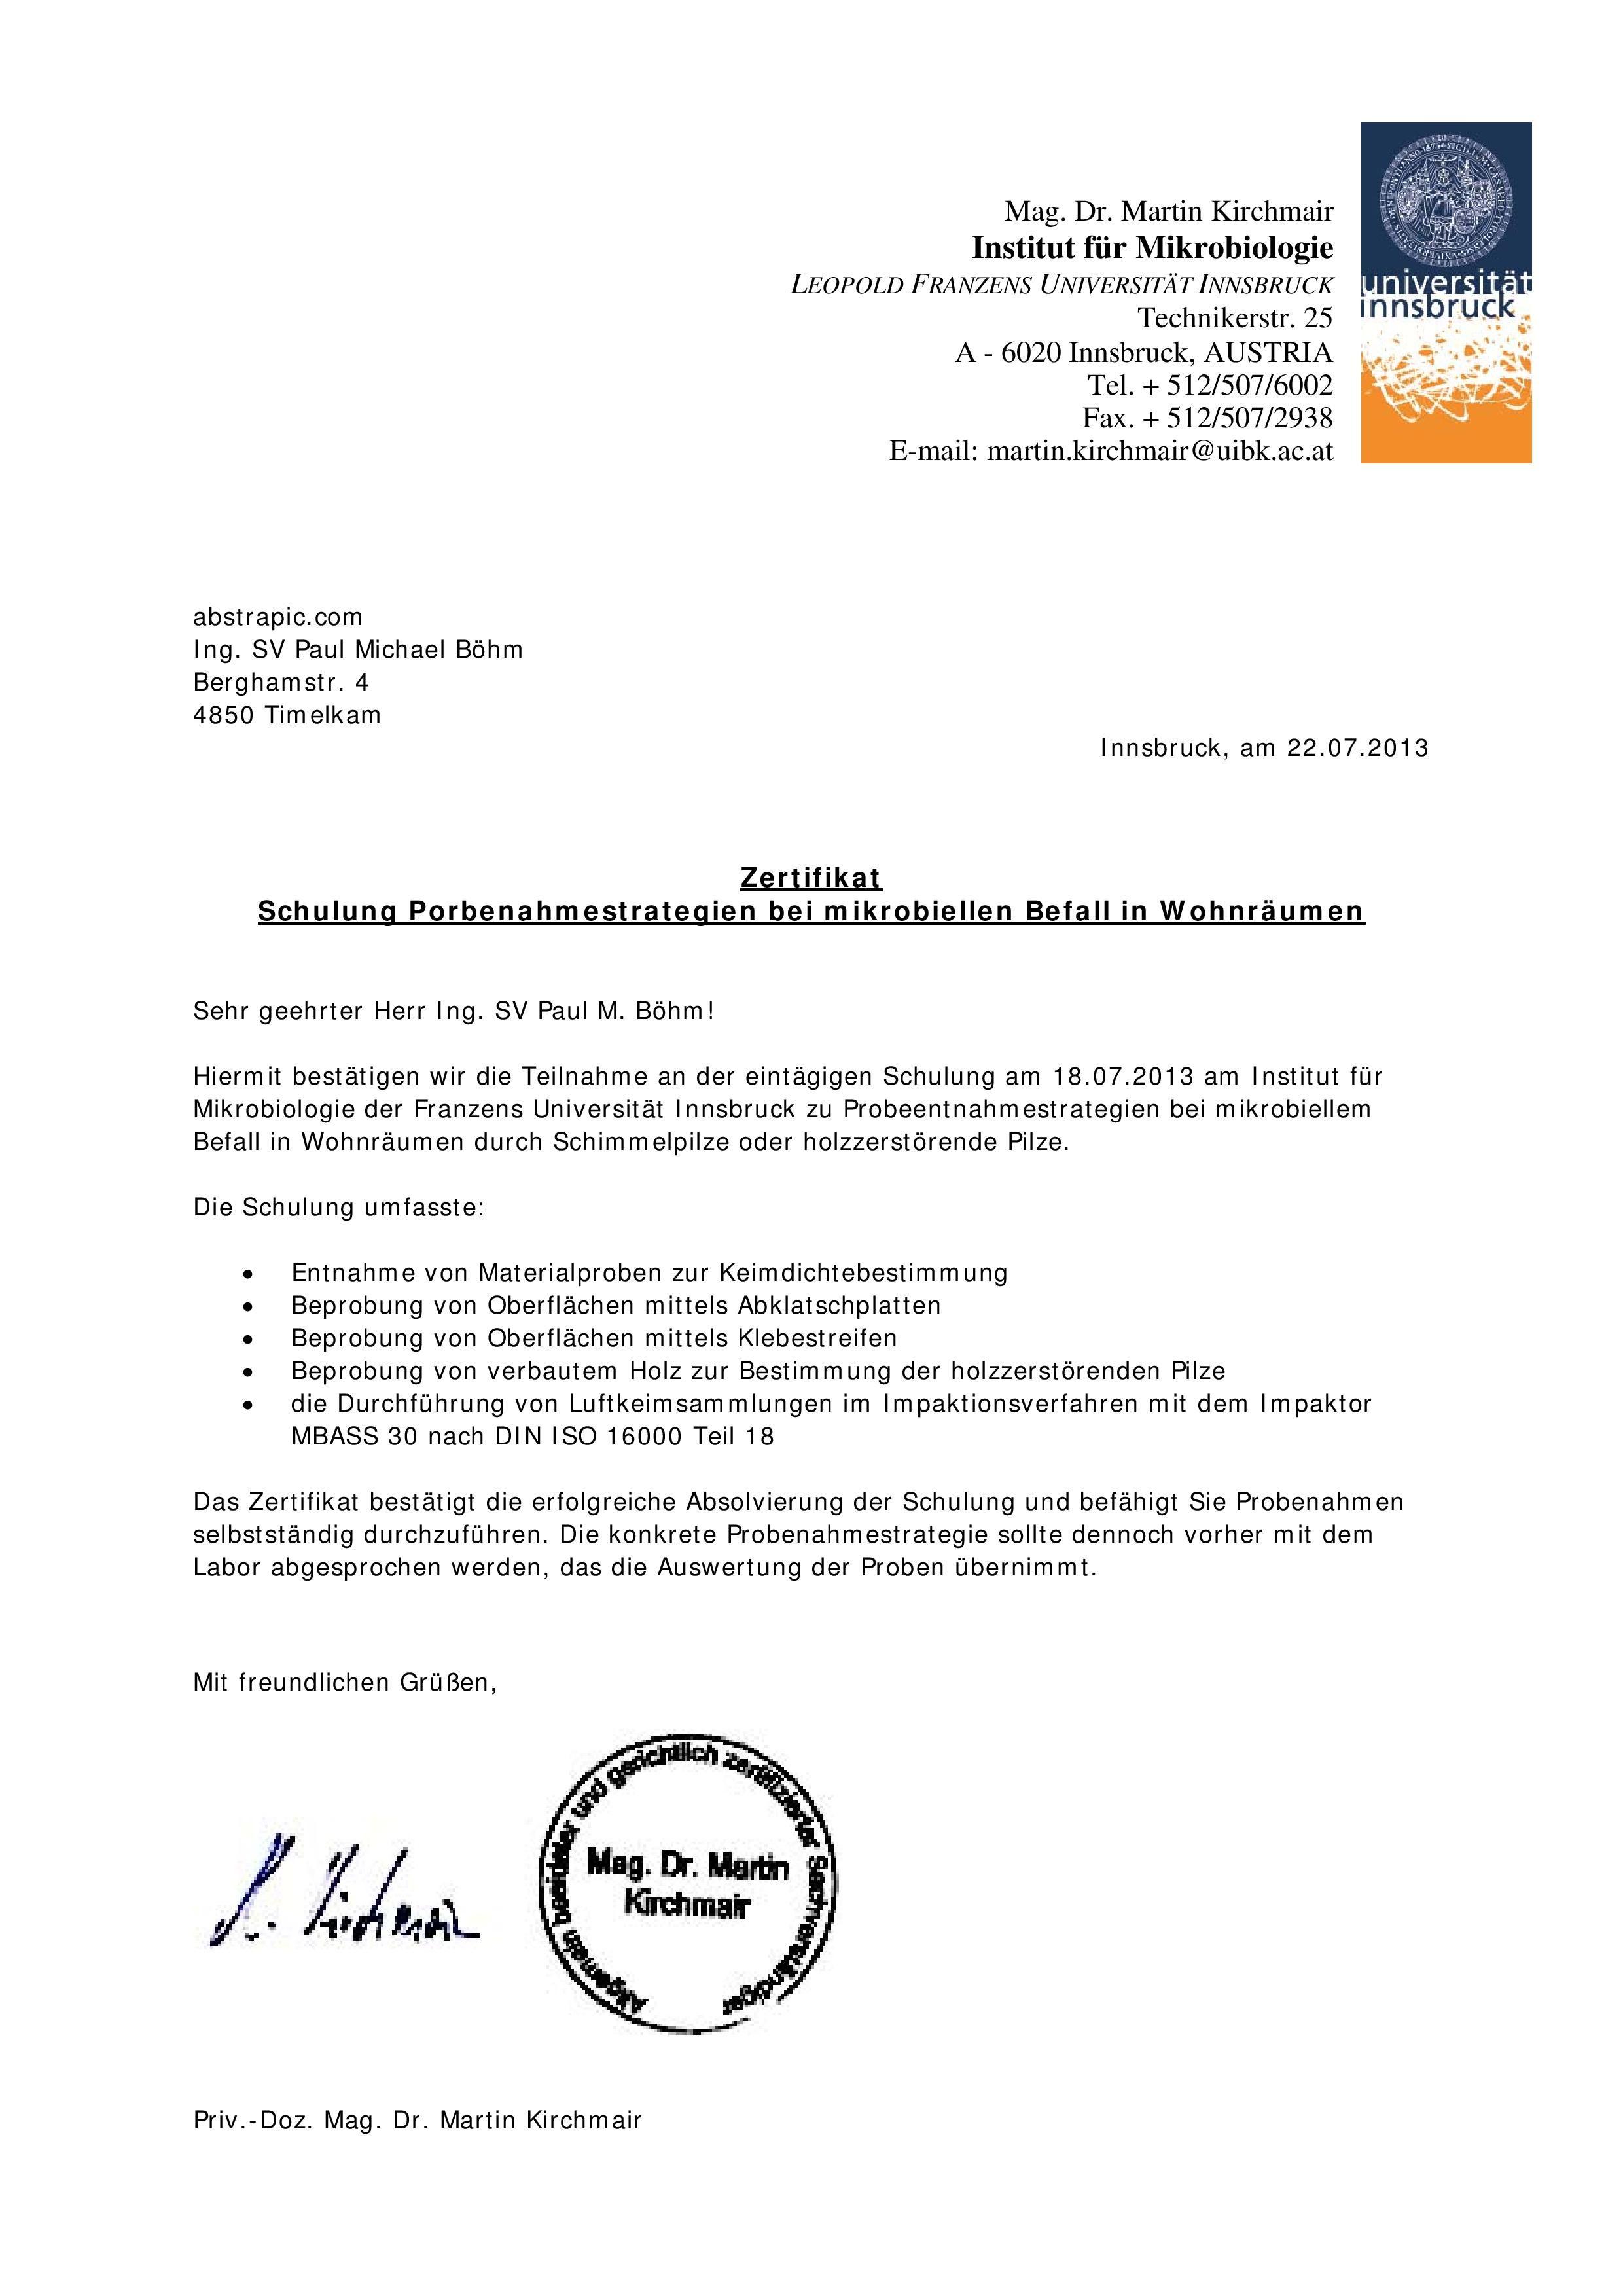 Zertifizierungen | abstrapic.com